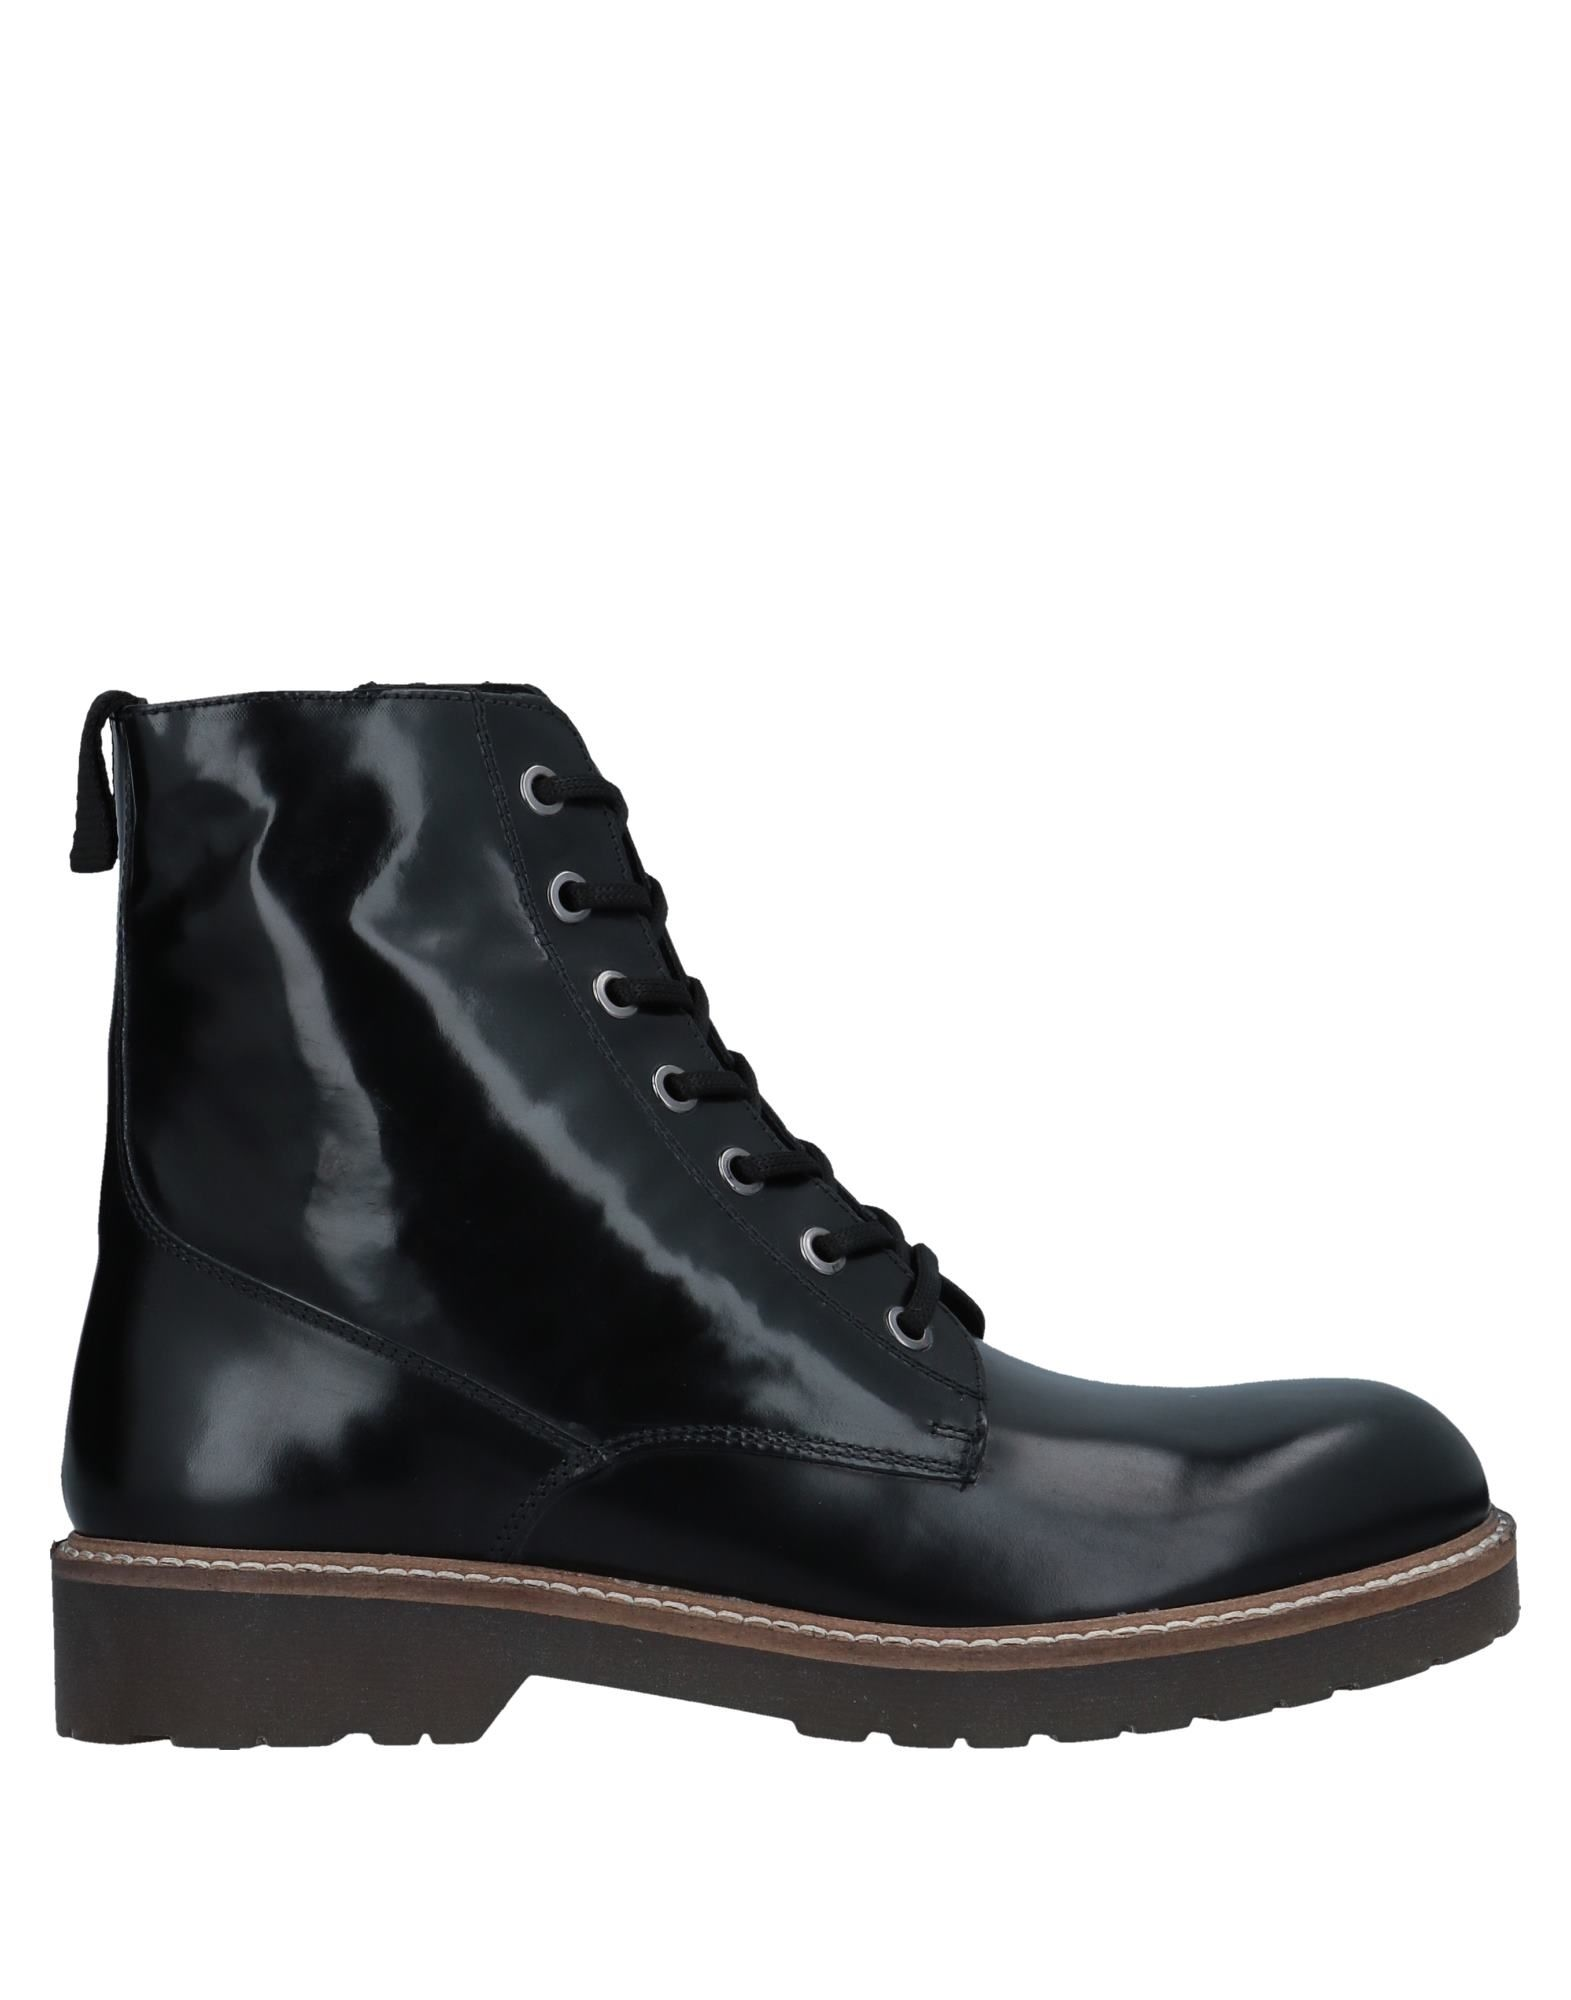 Soldini Stiefelette Damen  11548209BR Gute Qualität beliebte Schuhe